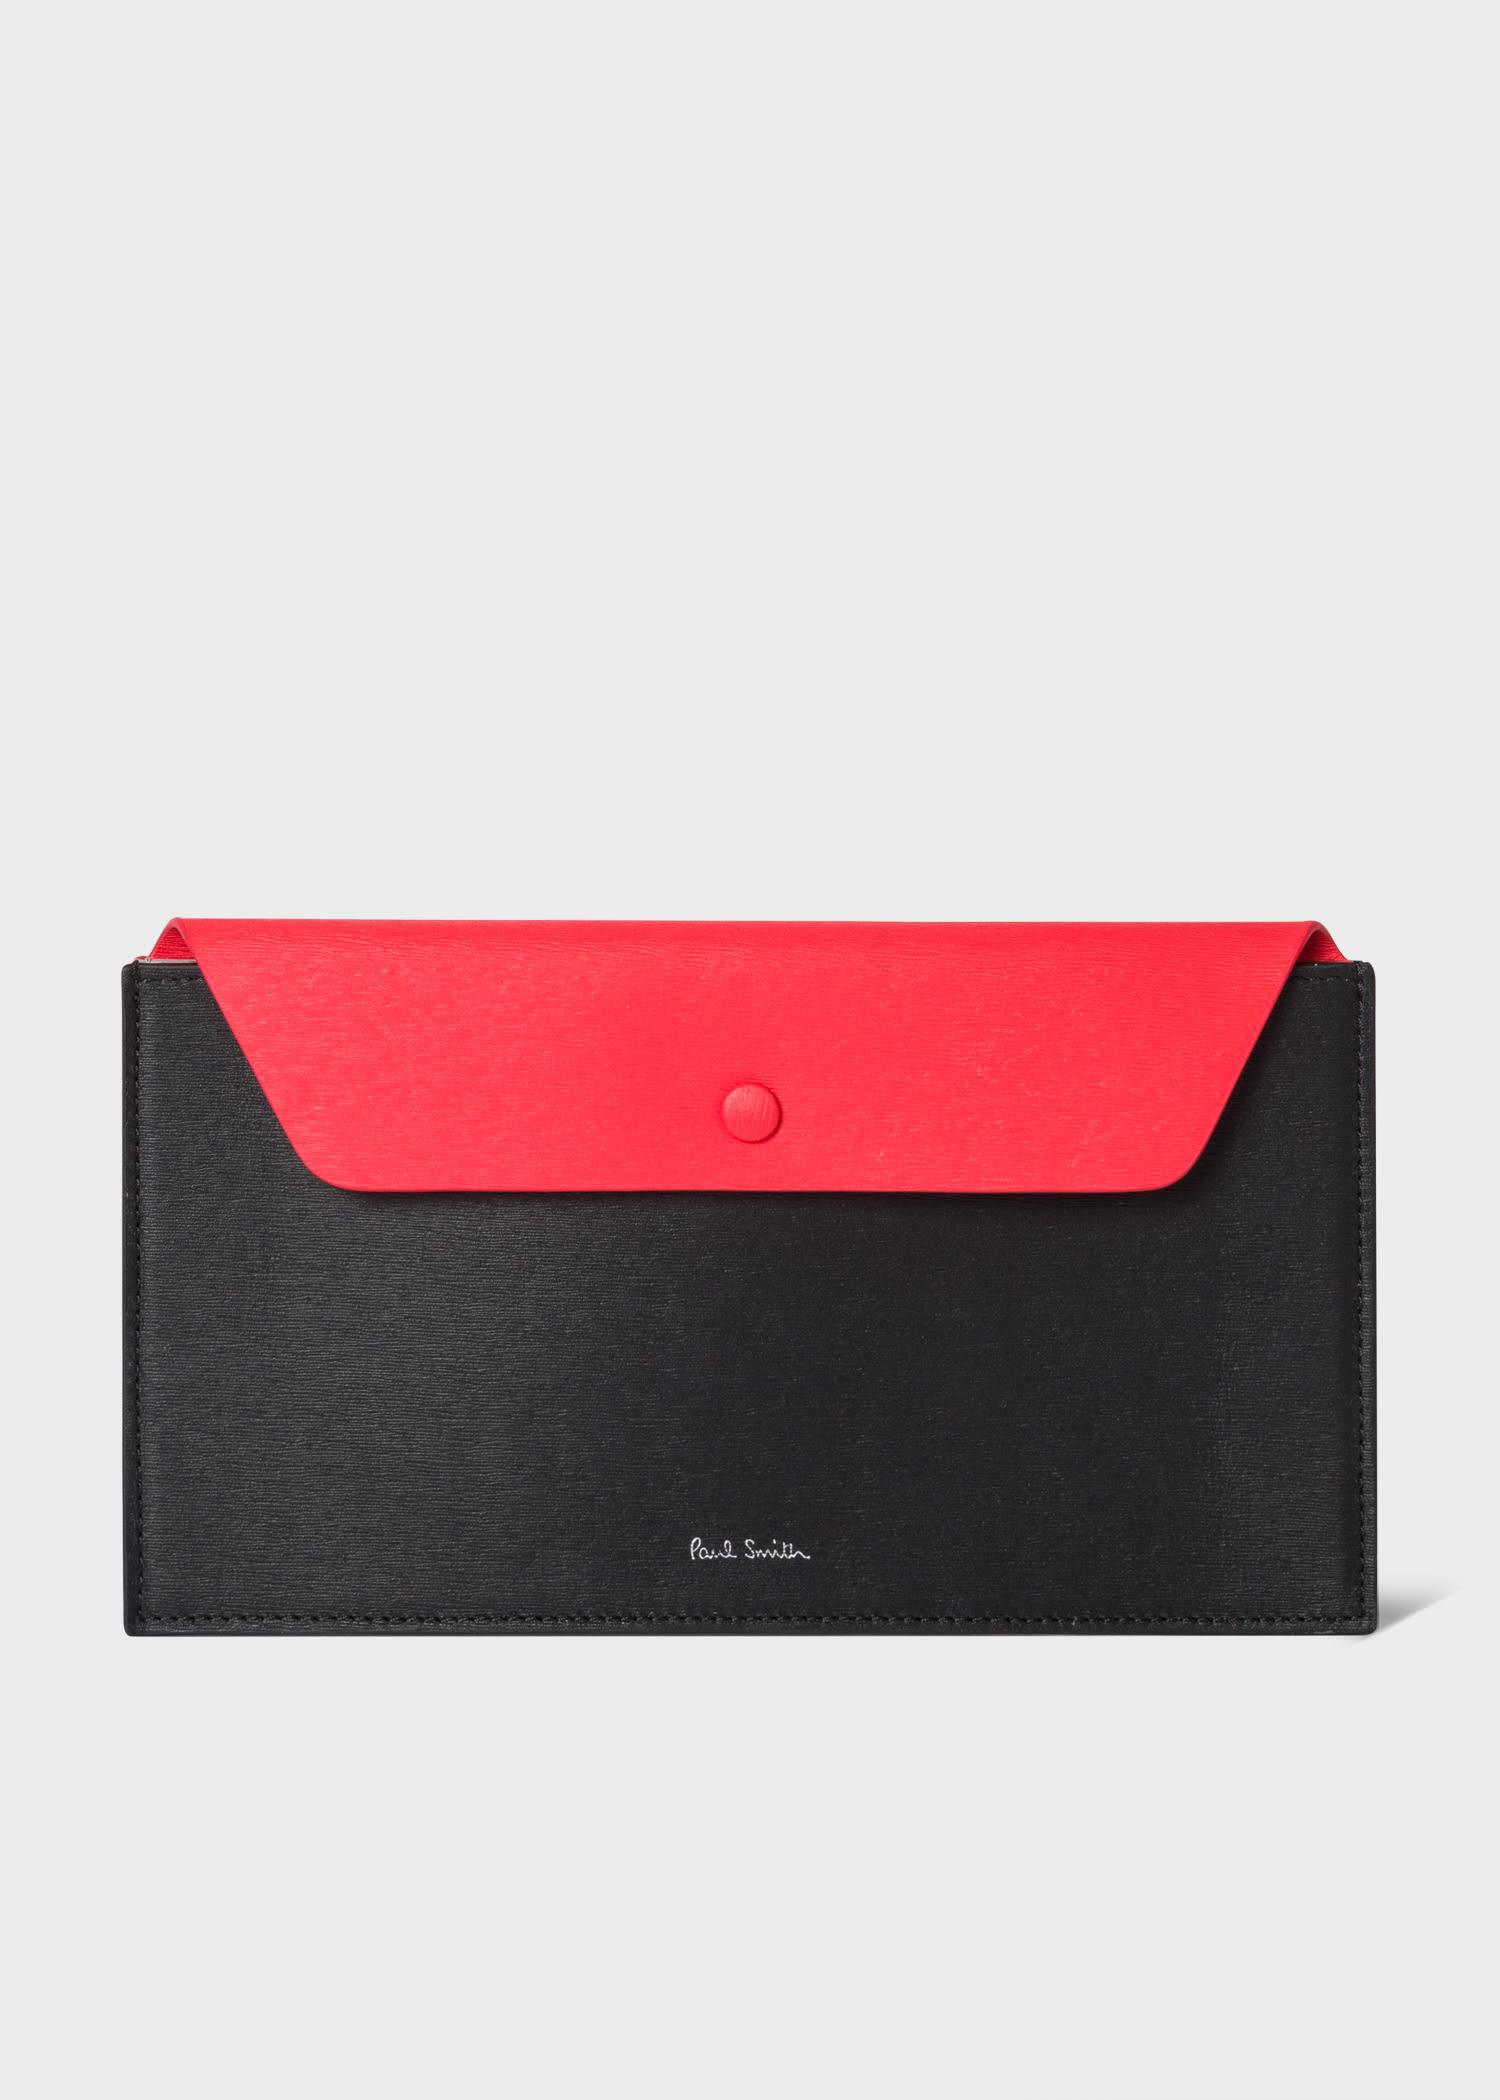 폴 스미스 Paul Smith Black And Red Leather Concertina Travel Wallet